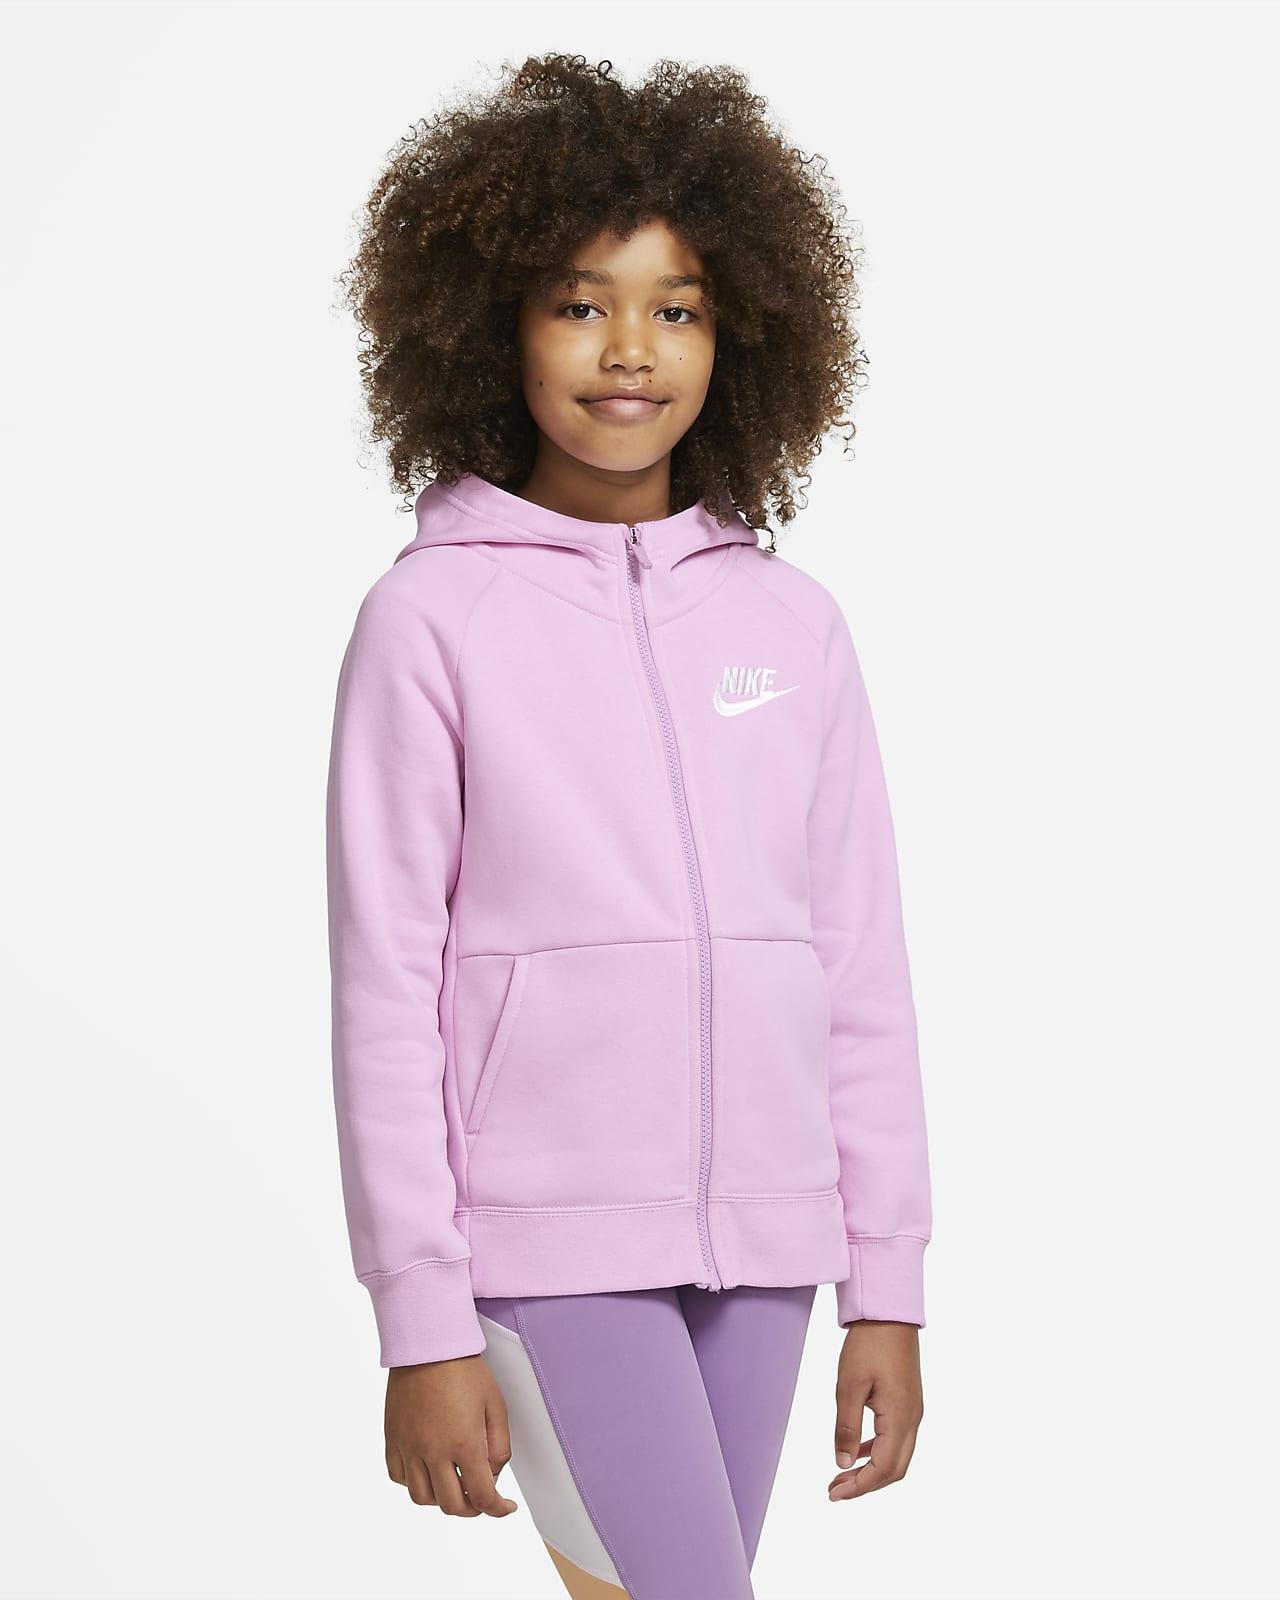 Felpa con cappuccio e zip a tutta lunghezza Nike Sportswear- Bambina/Ragazza